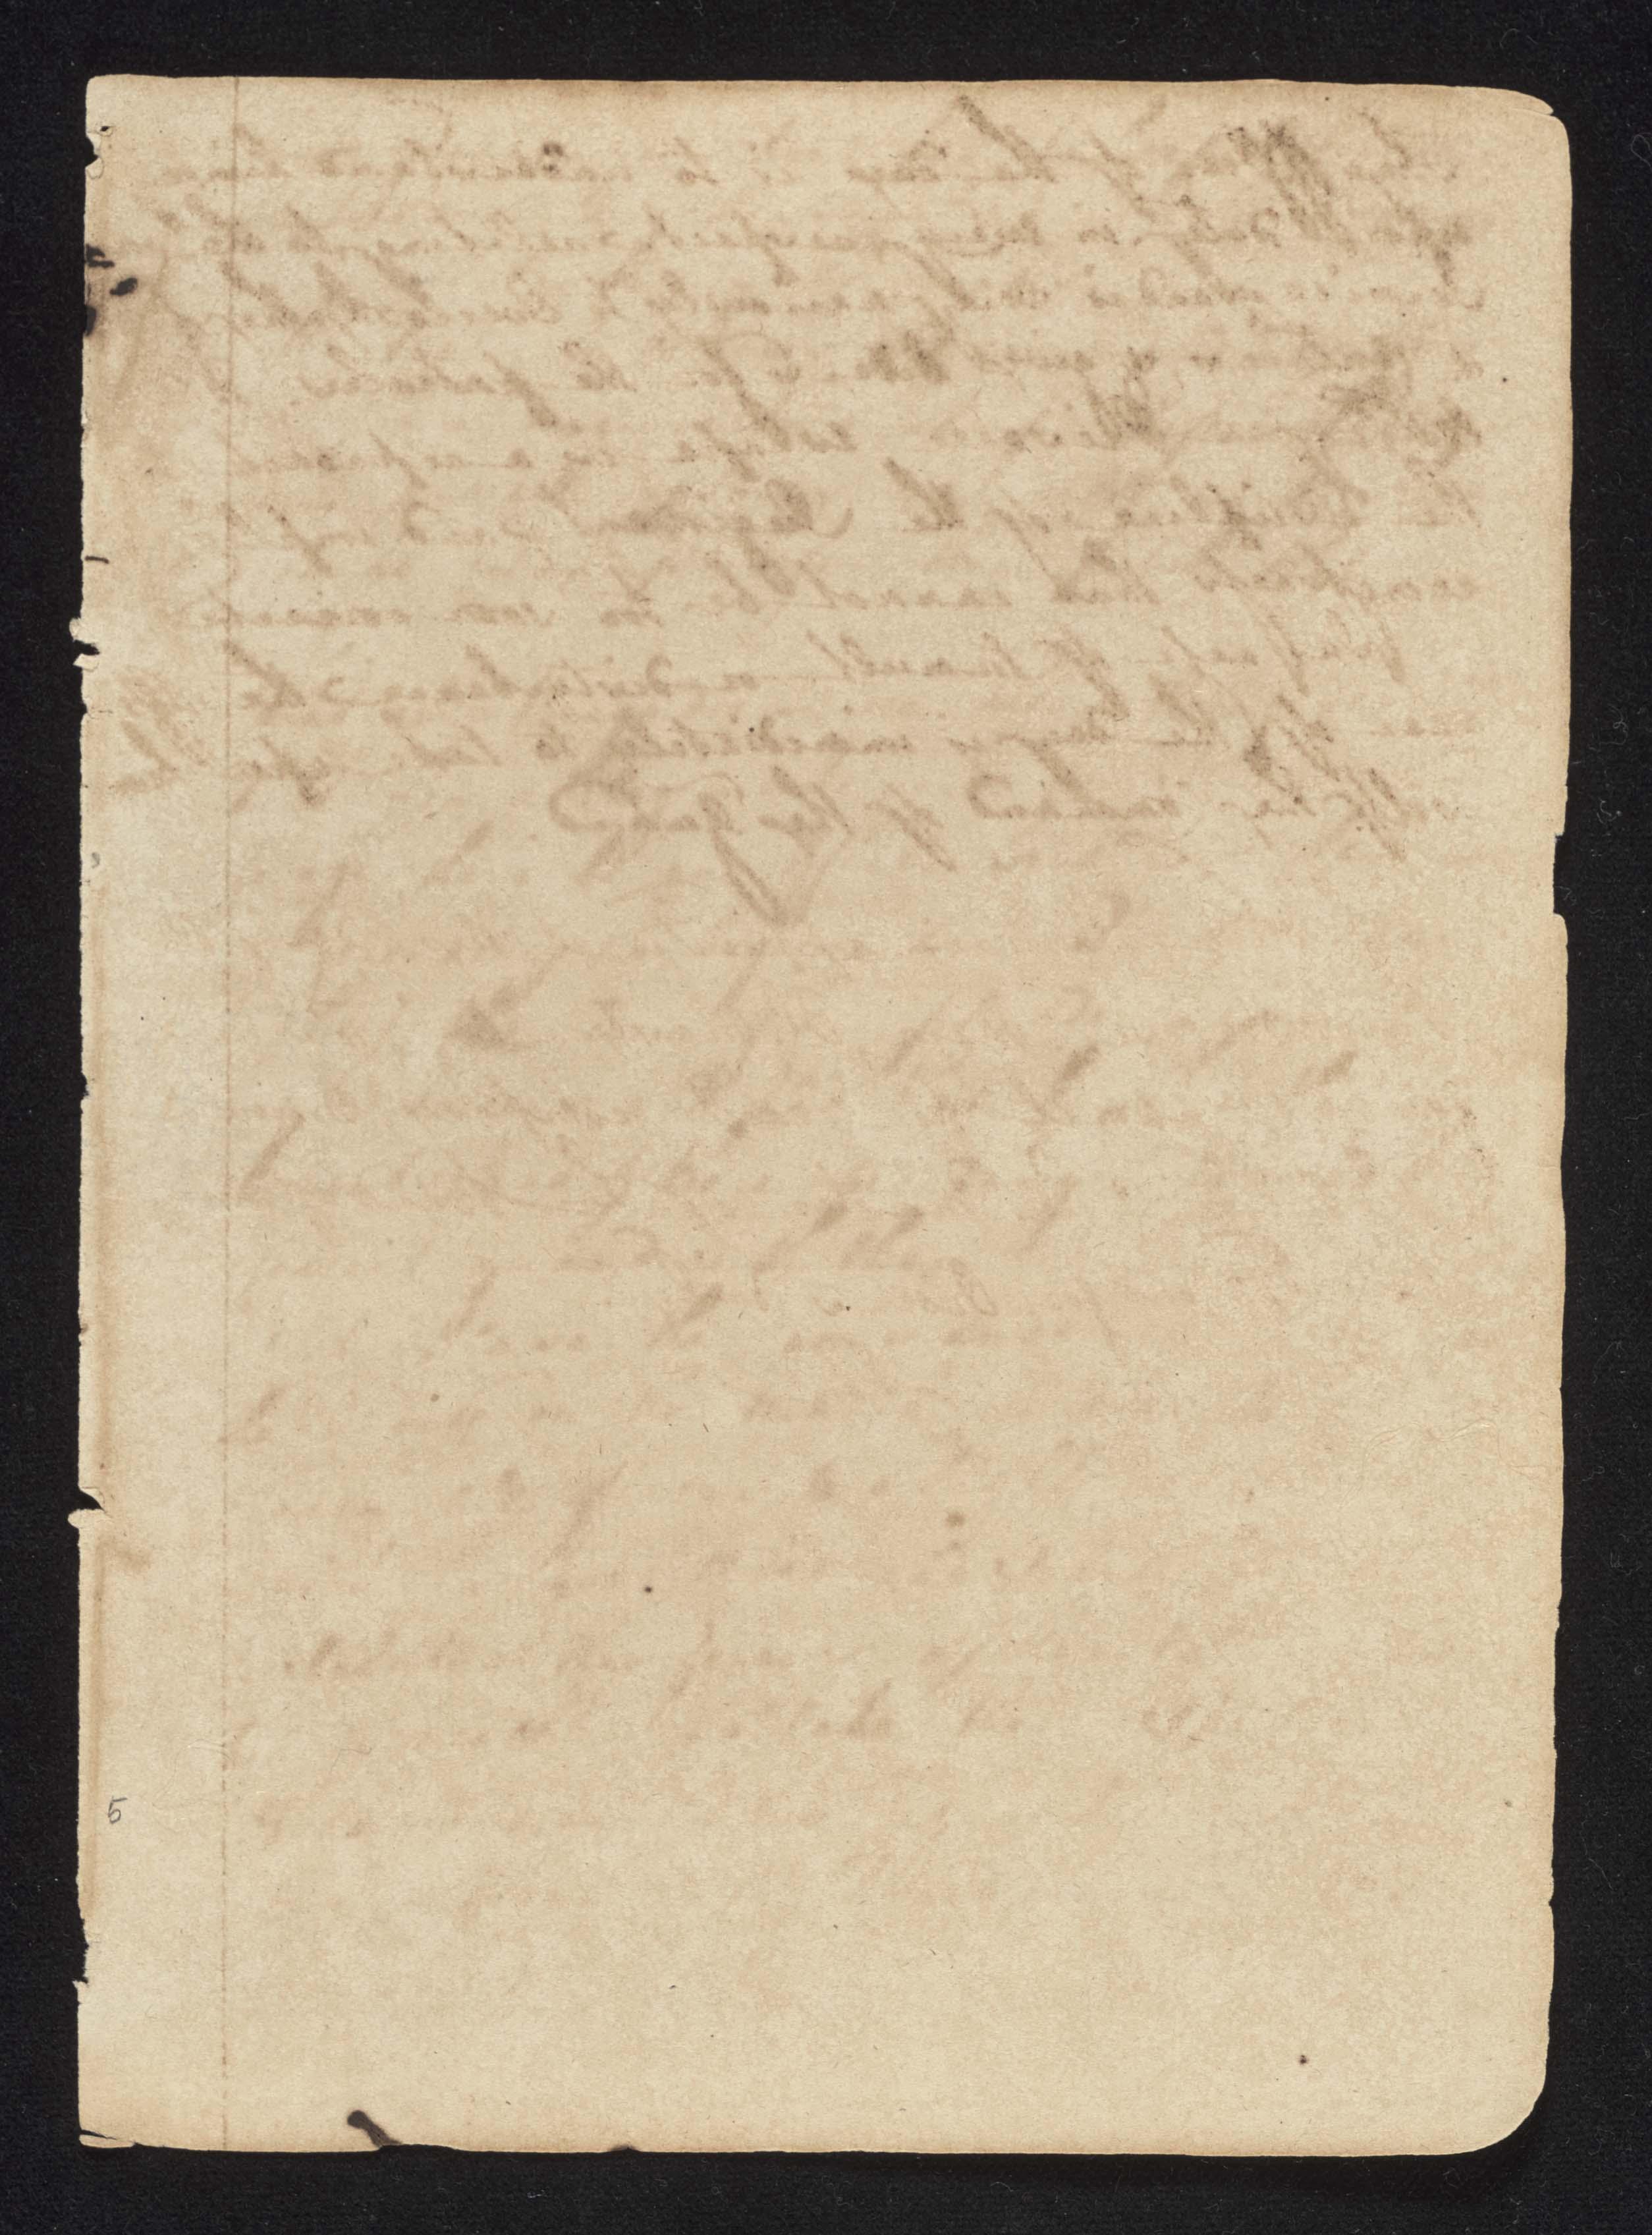 South Carolina Regiment Order Book, Page 9